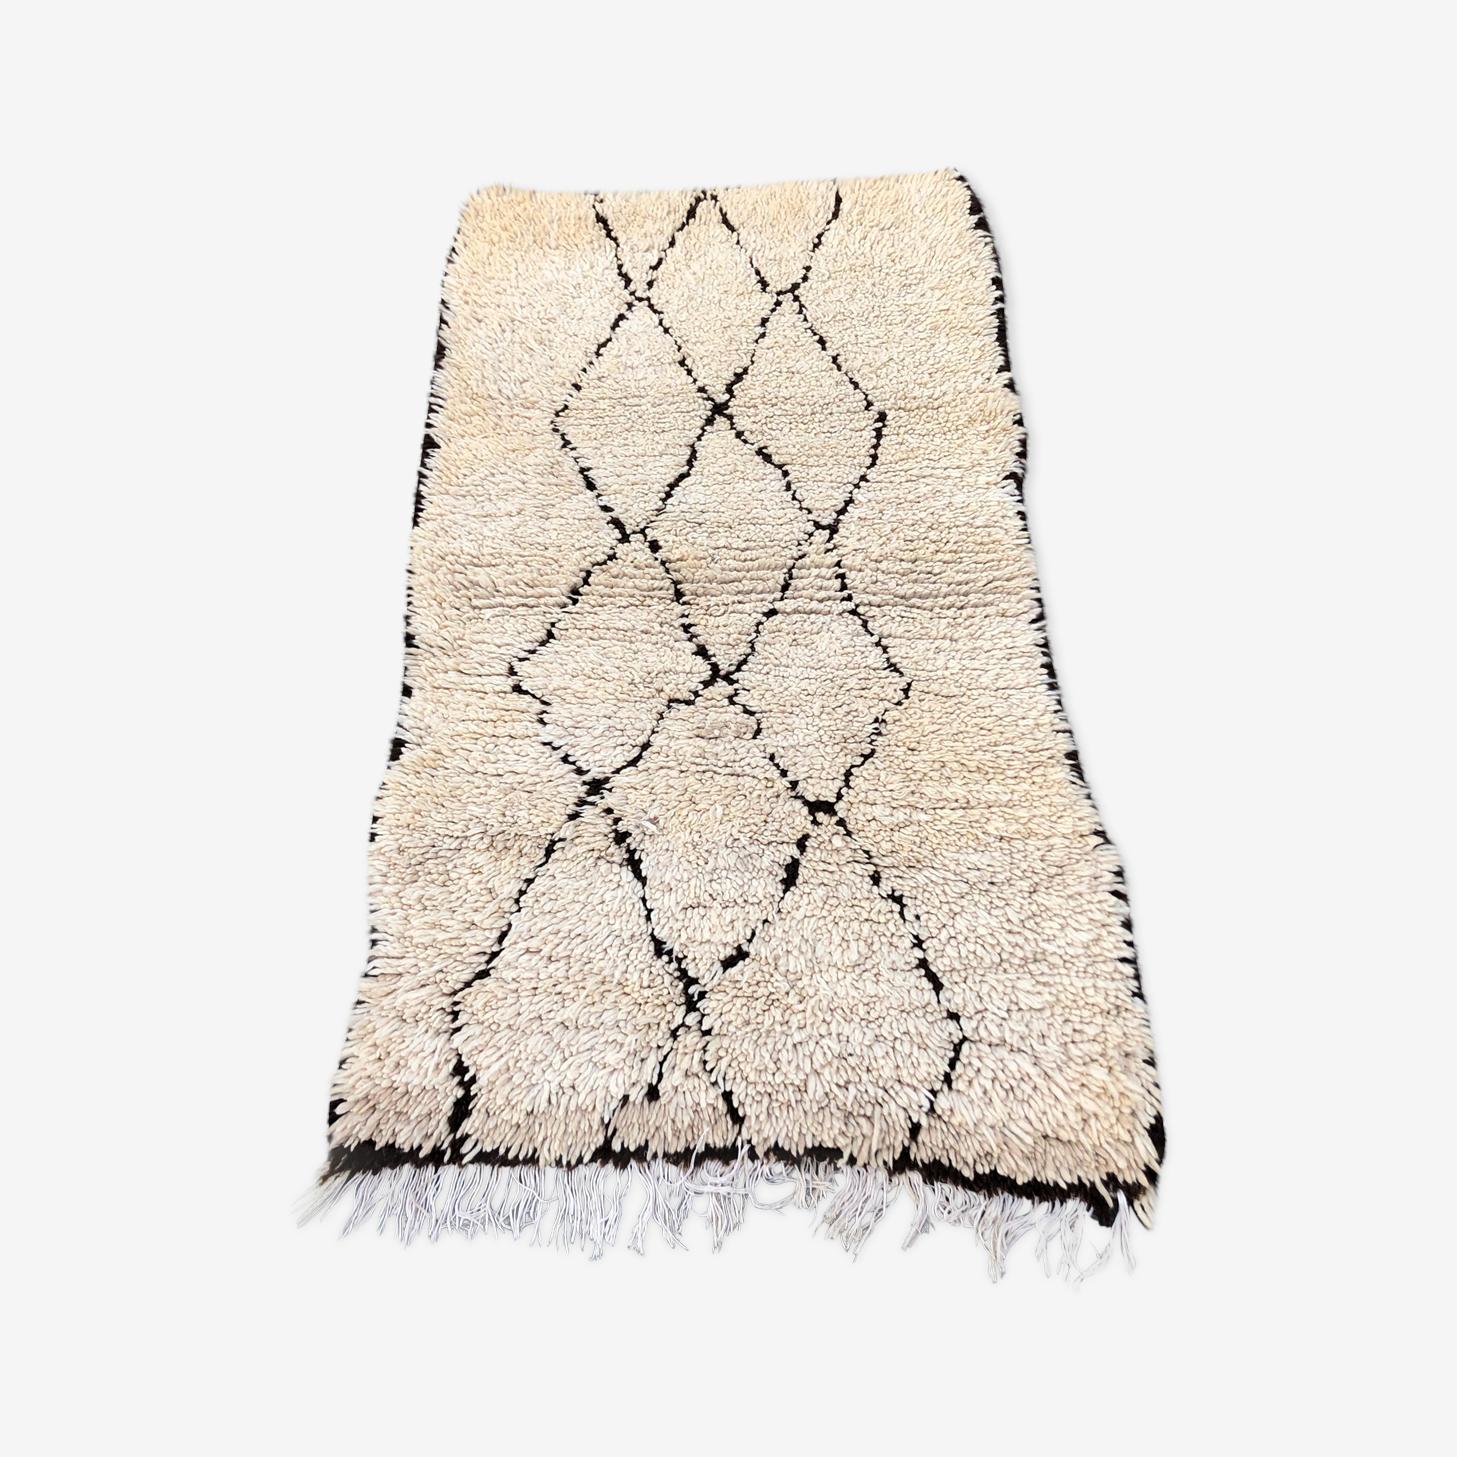 Tapis berbere azilal 215x100 cm